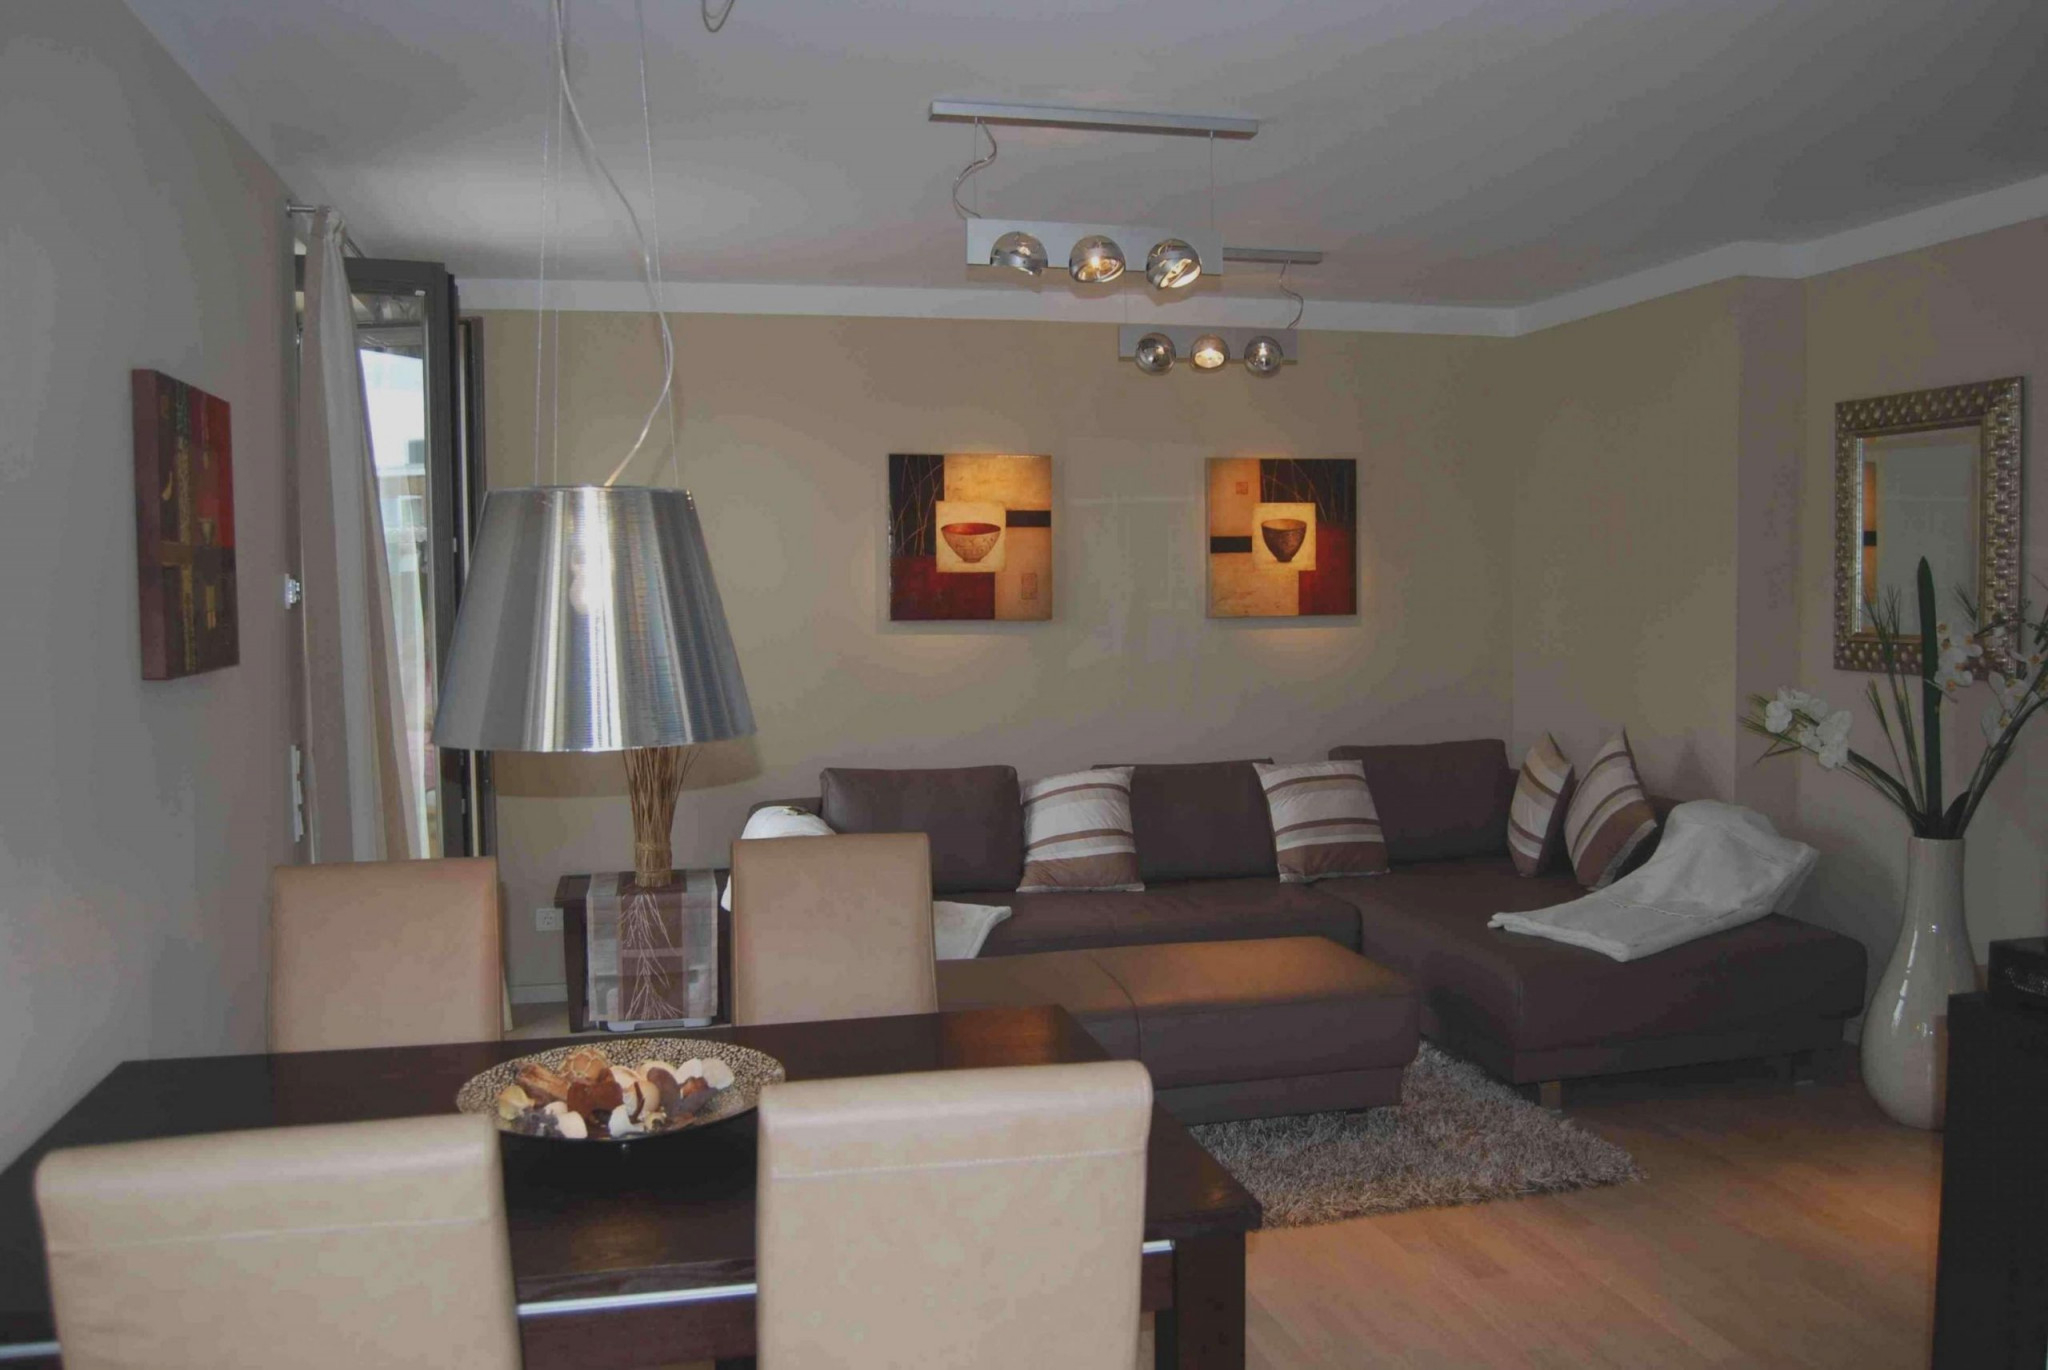 30 Luxus Kleines Wohnzimmer Mit Essbereich Einrichten von Wohnzimmer Und Esszimmer Ideen Bild